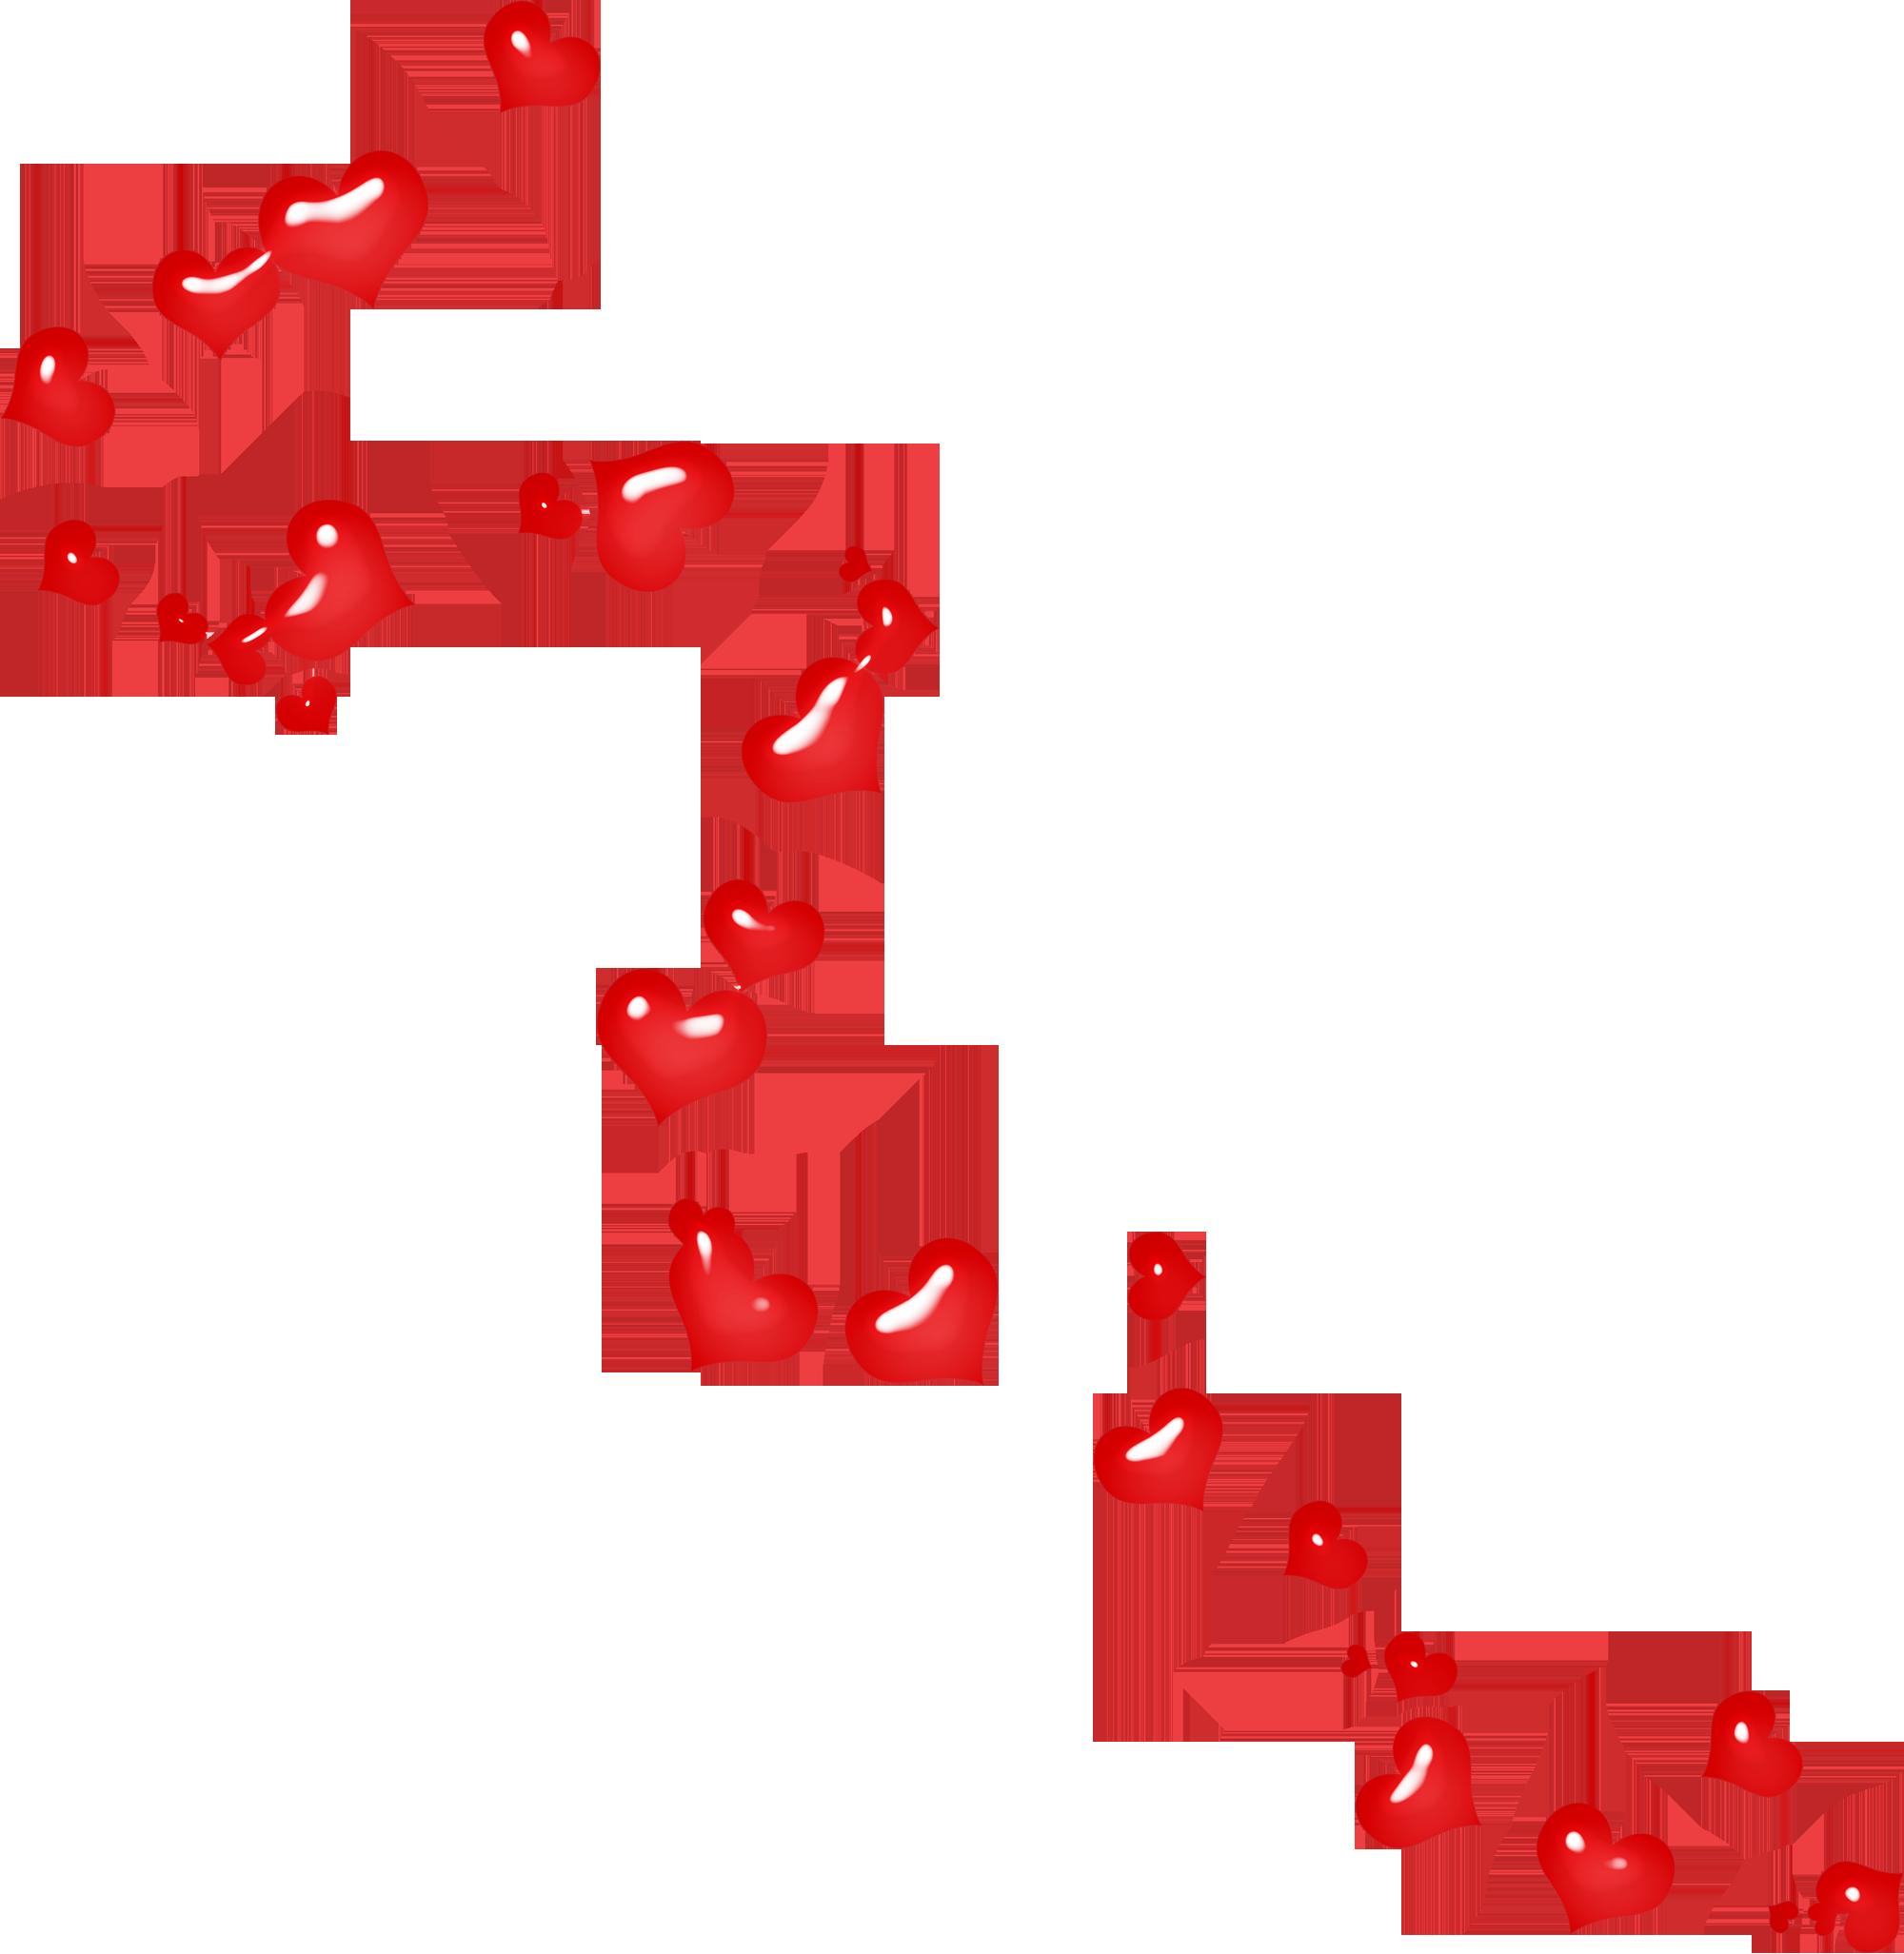 влияние картинки сердечек в пнг на прозрачном фоне вобще